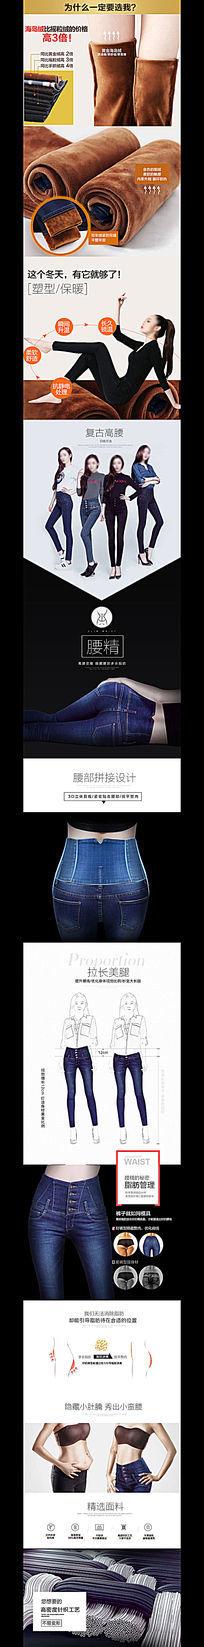 淘宝女裤加绒牛仔裤详情页模板